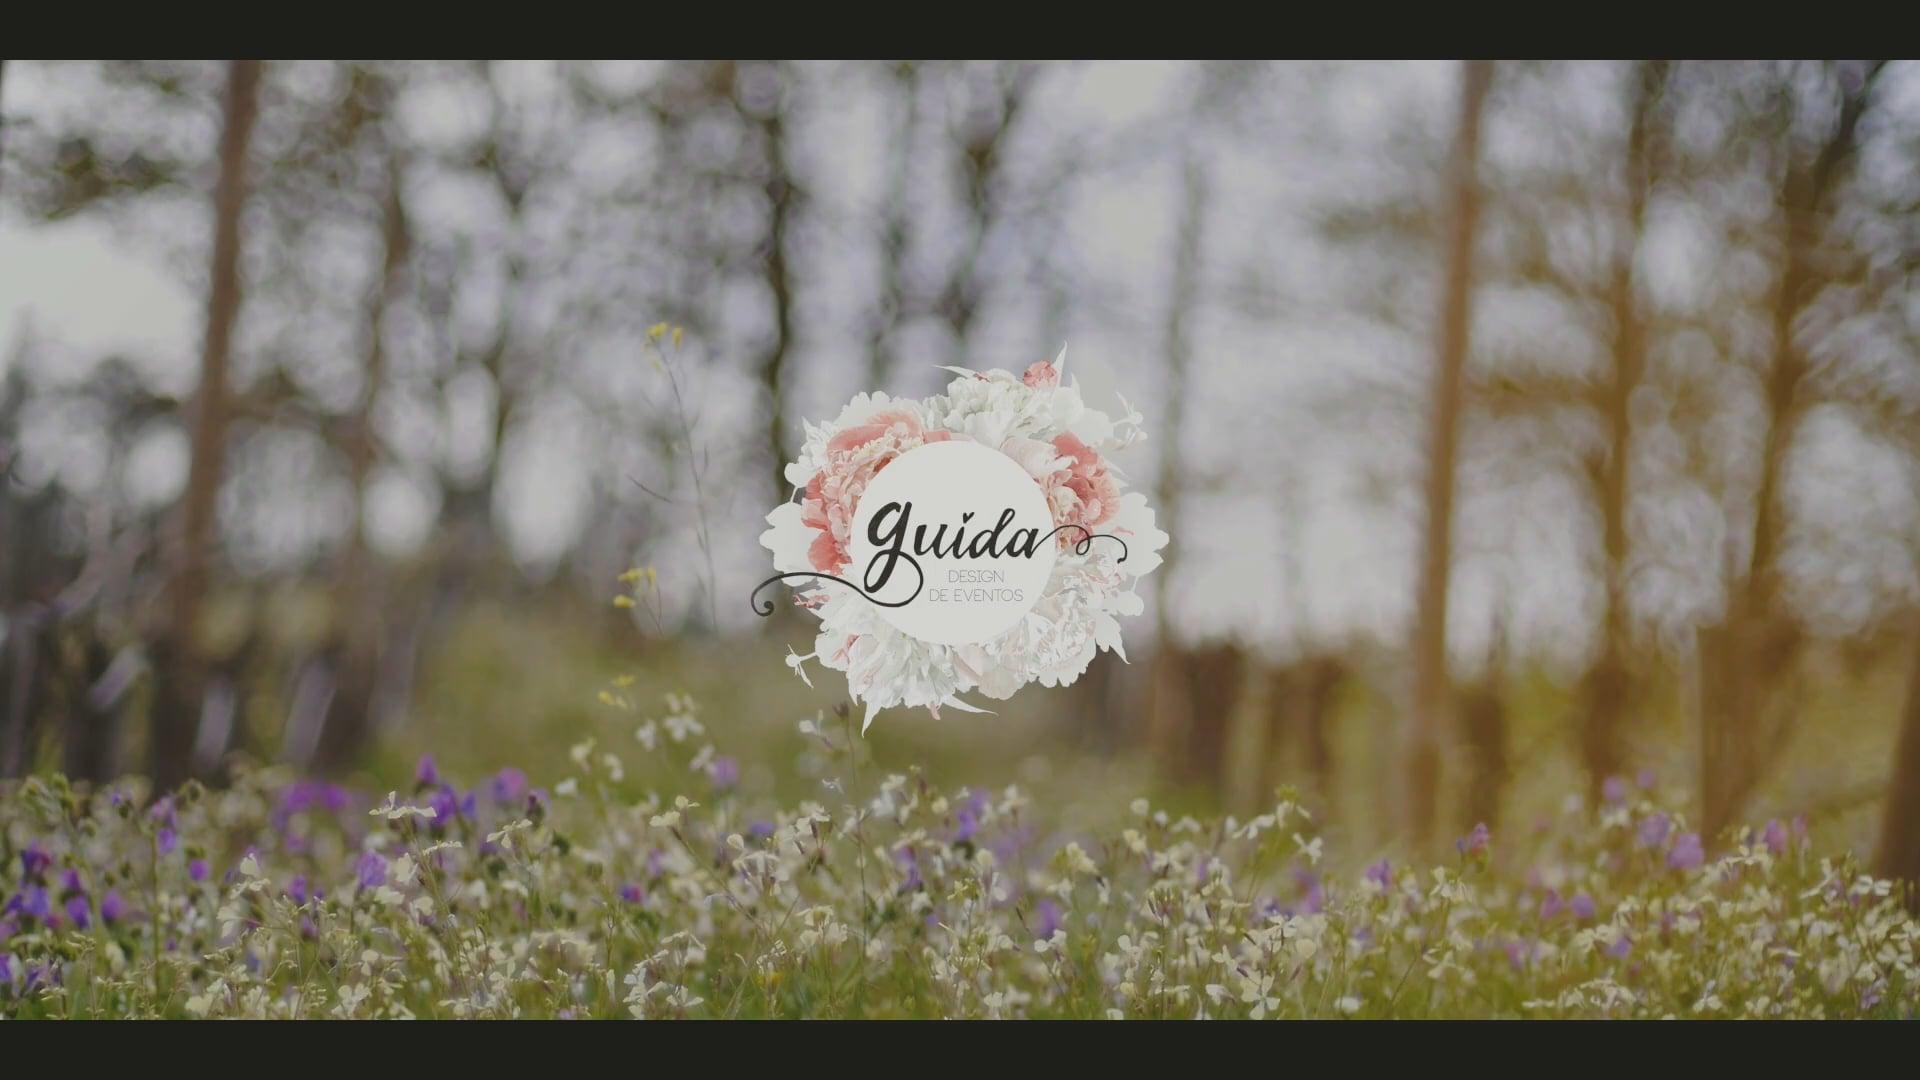 GUIDA Design de Eventos ®